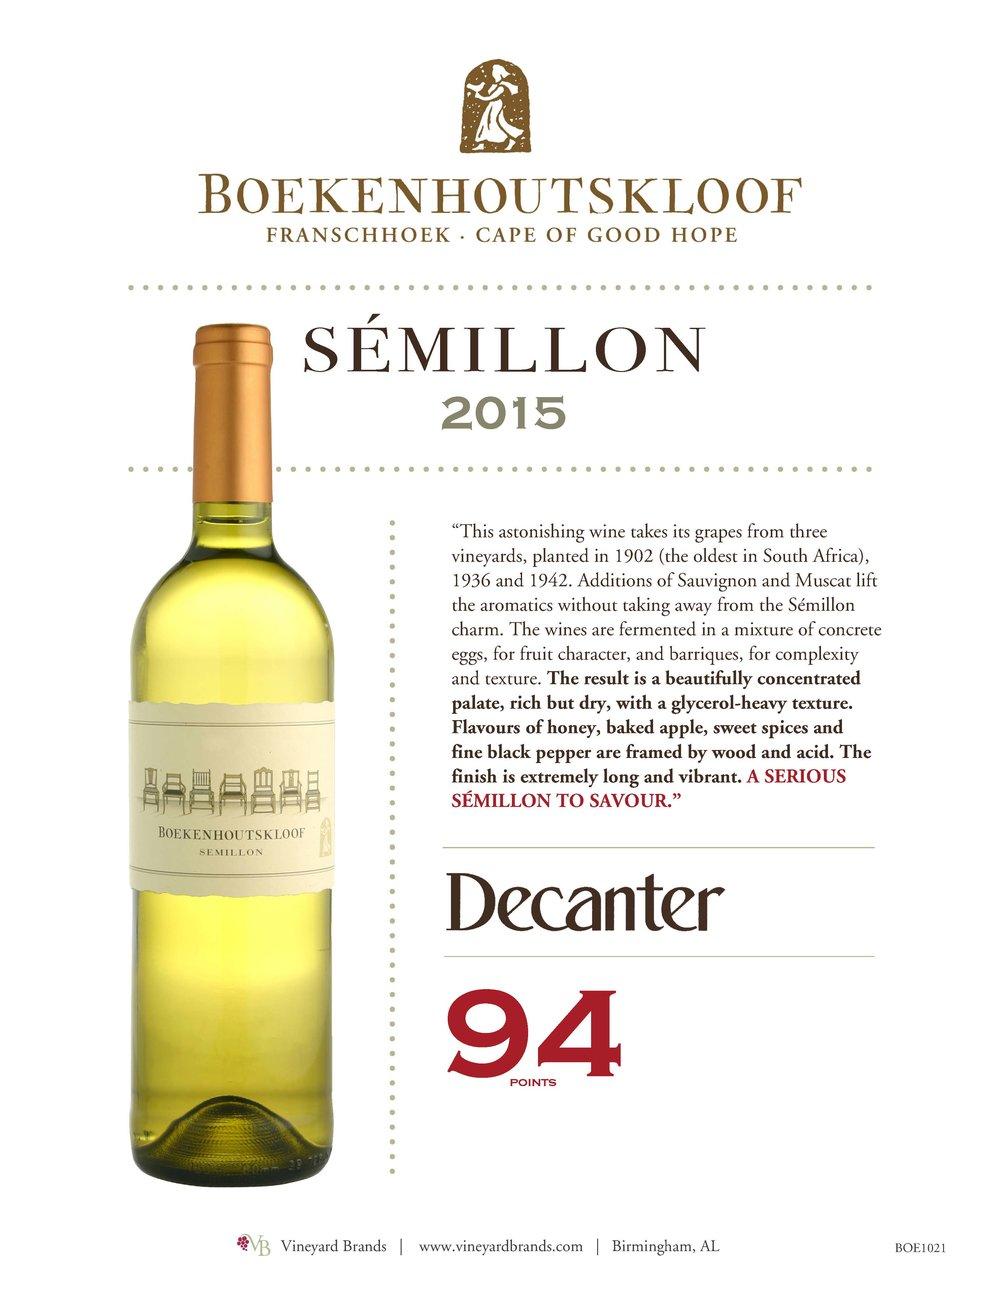 Boekenhoutskloof Semillon 2015.jpg